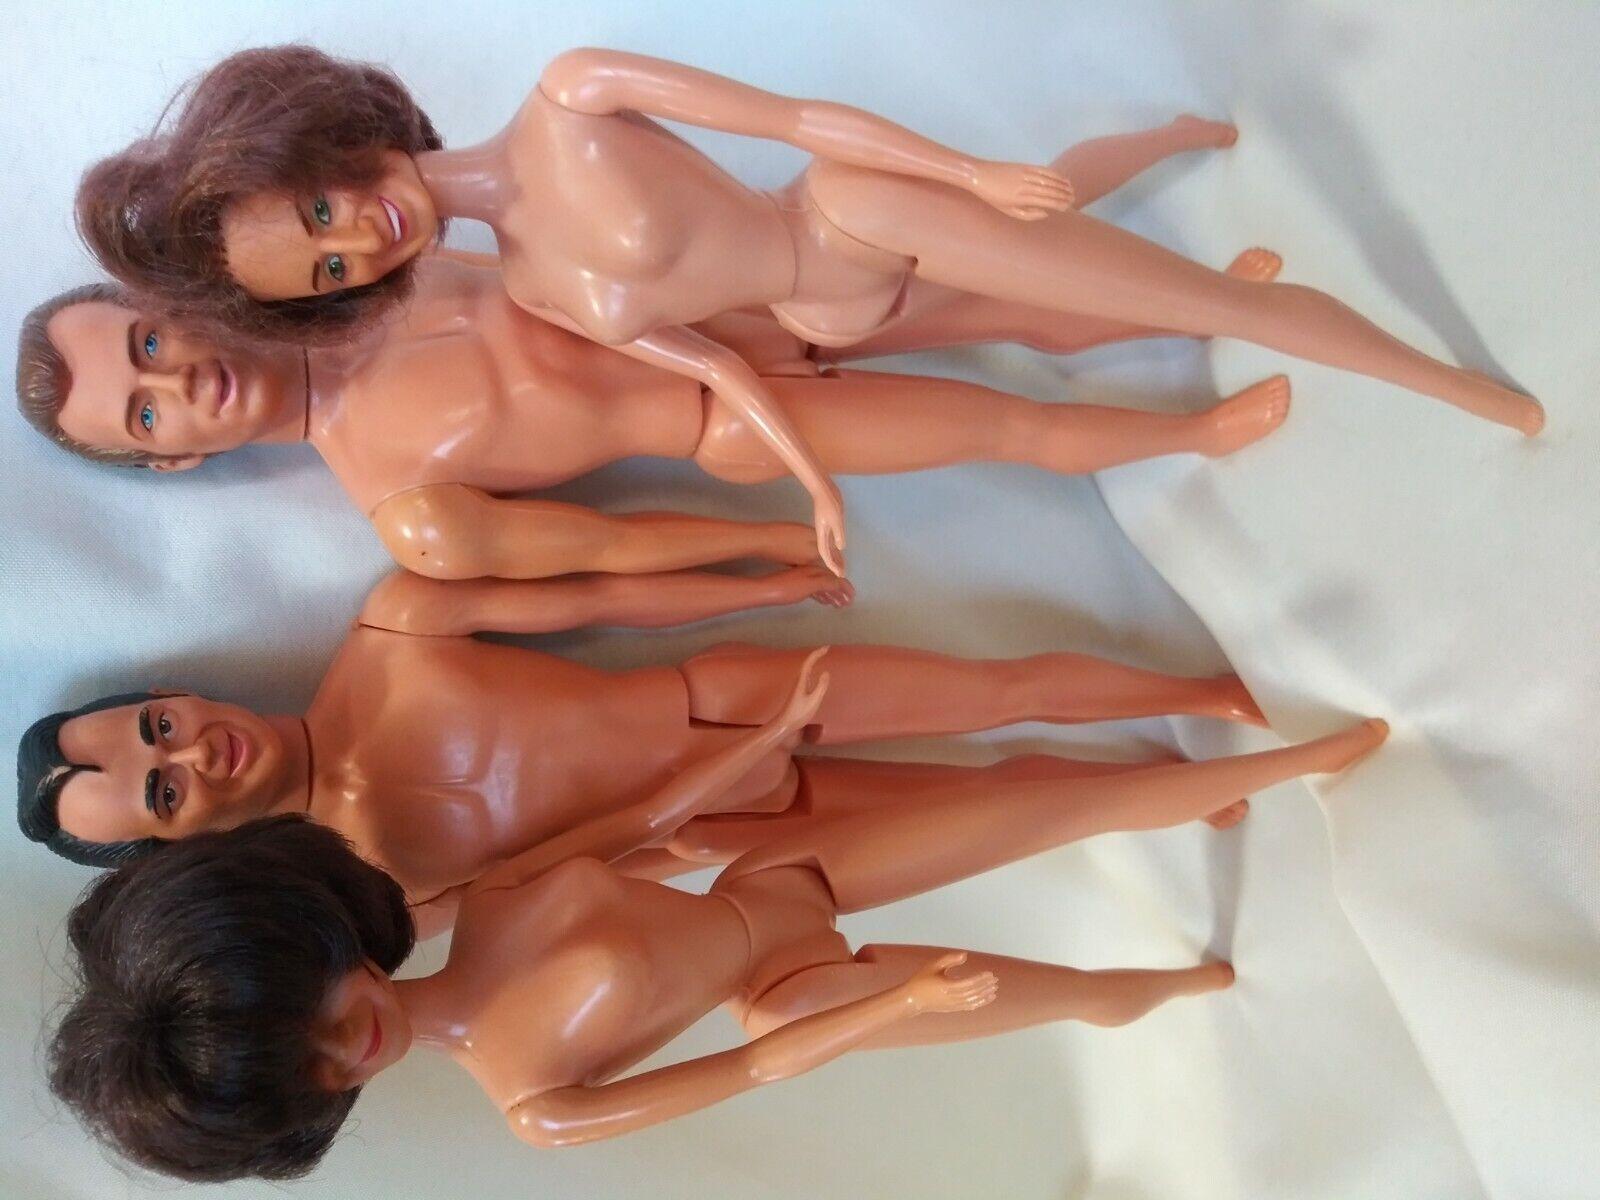 Laverne & Shirley Lenny & Squiggy Figures 1970snude celebrity ken &barbie